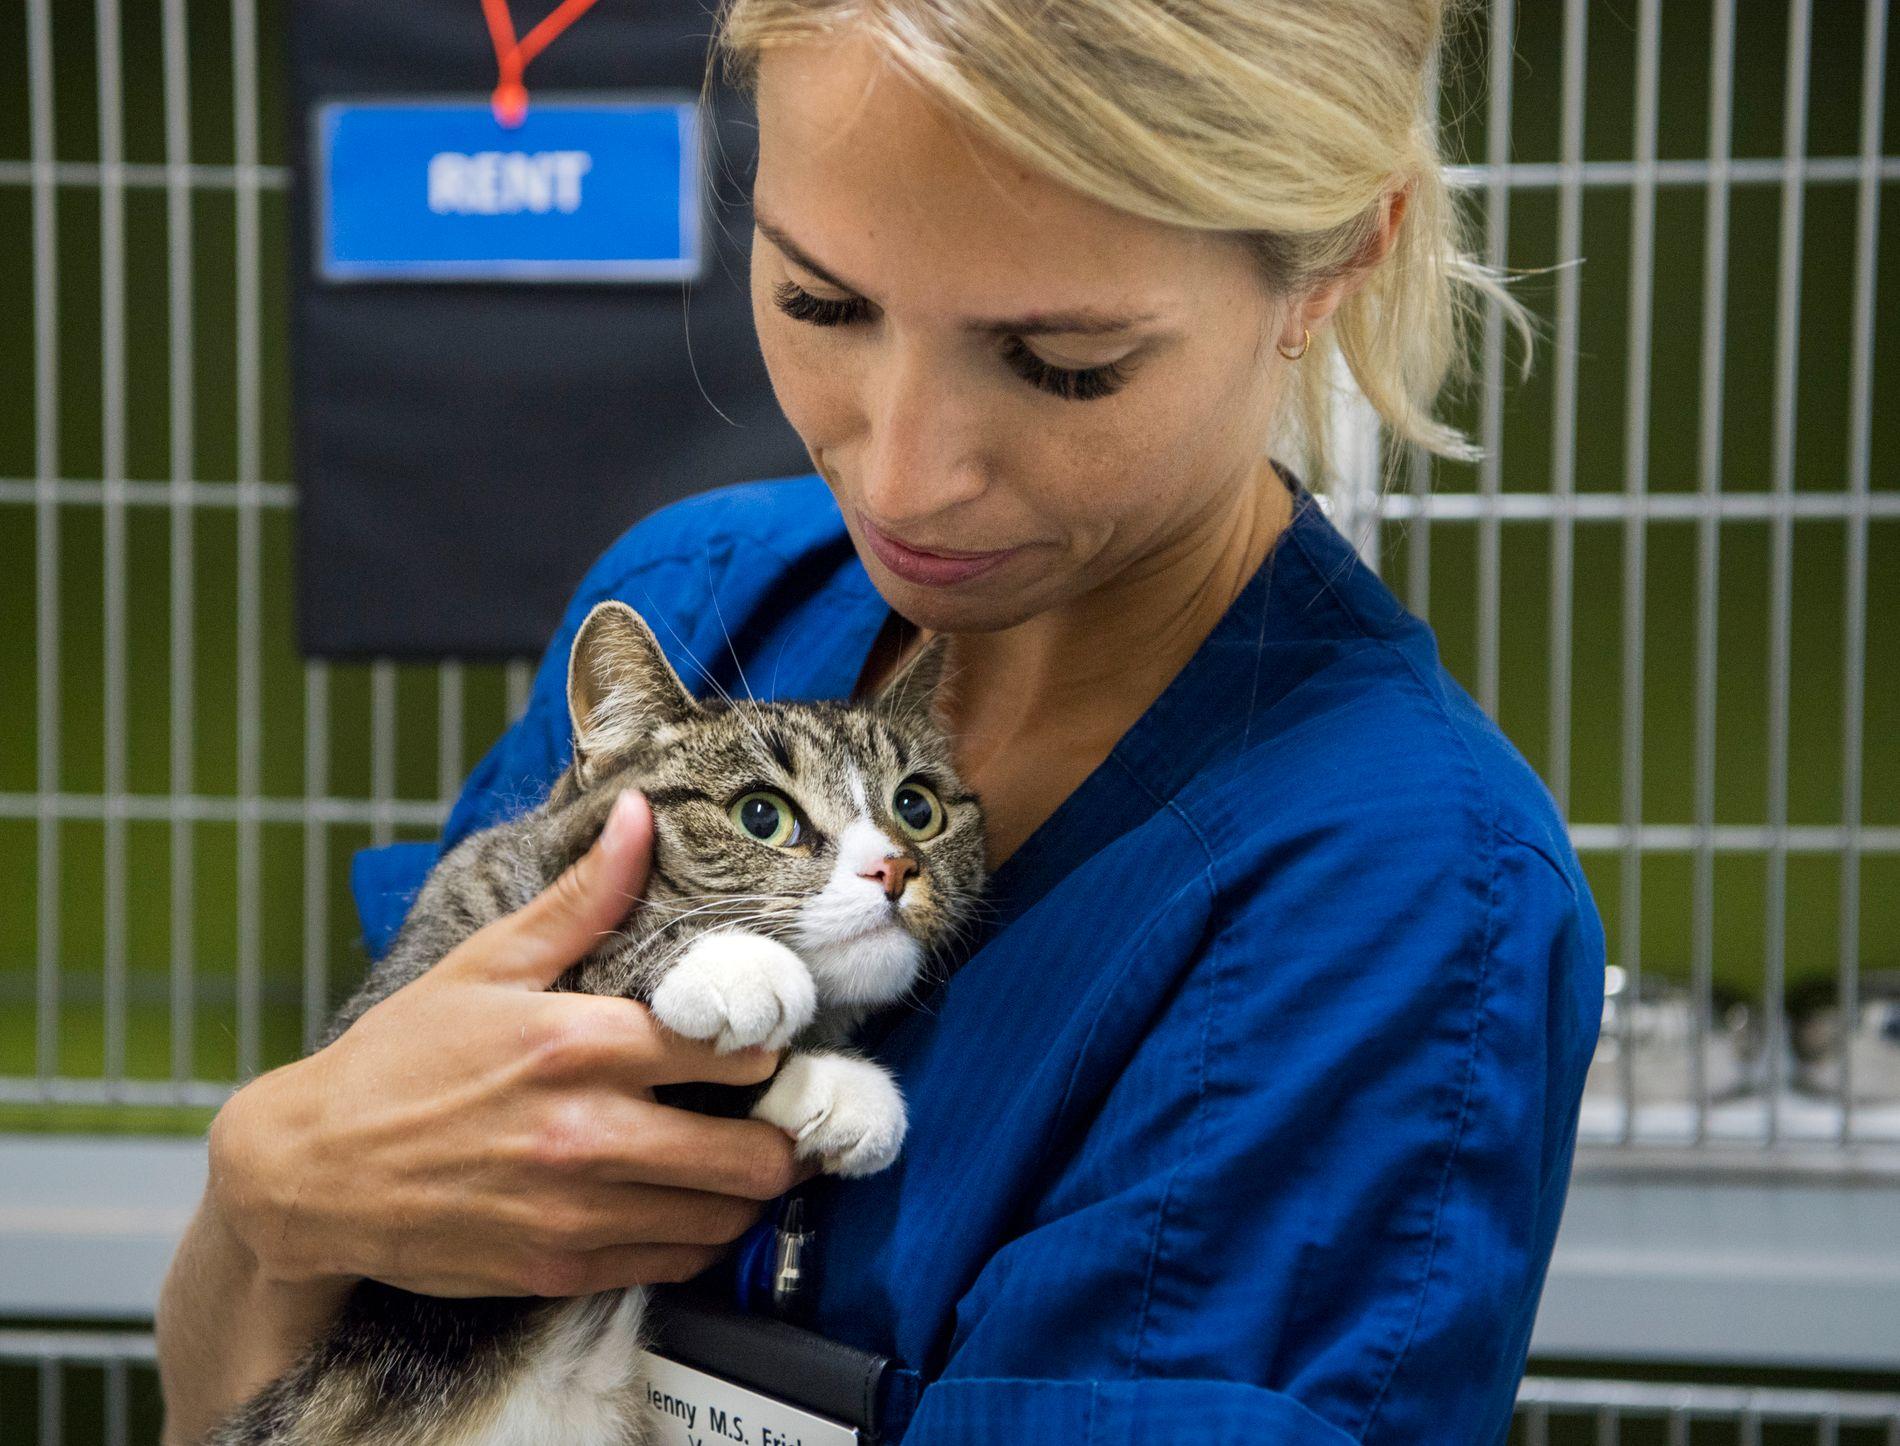 PASSER PÅ: Både katter og hunder gir uttrykk for om de er for varme. – Katter kan bli slappe og apatiske når de er for varme, sier veterinær Jenny M.S. Erichsen ved Mosengs dyreklinikk i Oslo. Her med katten Suzy.